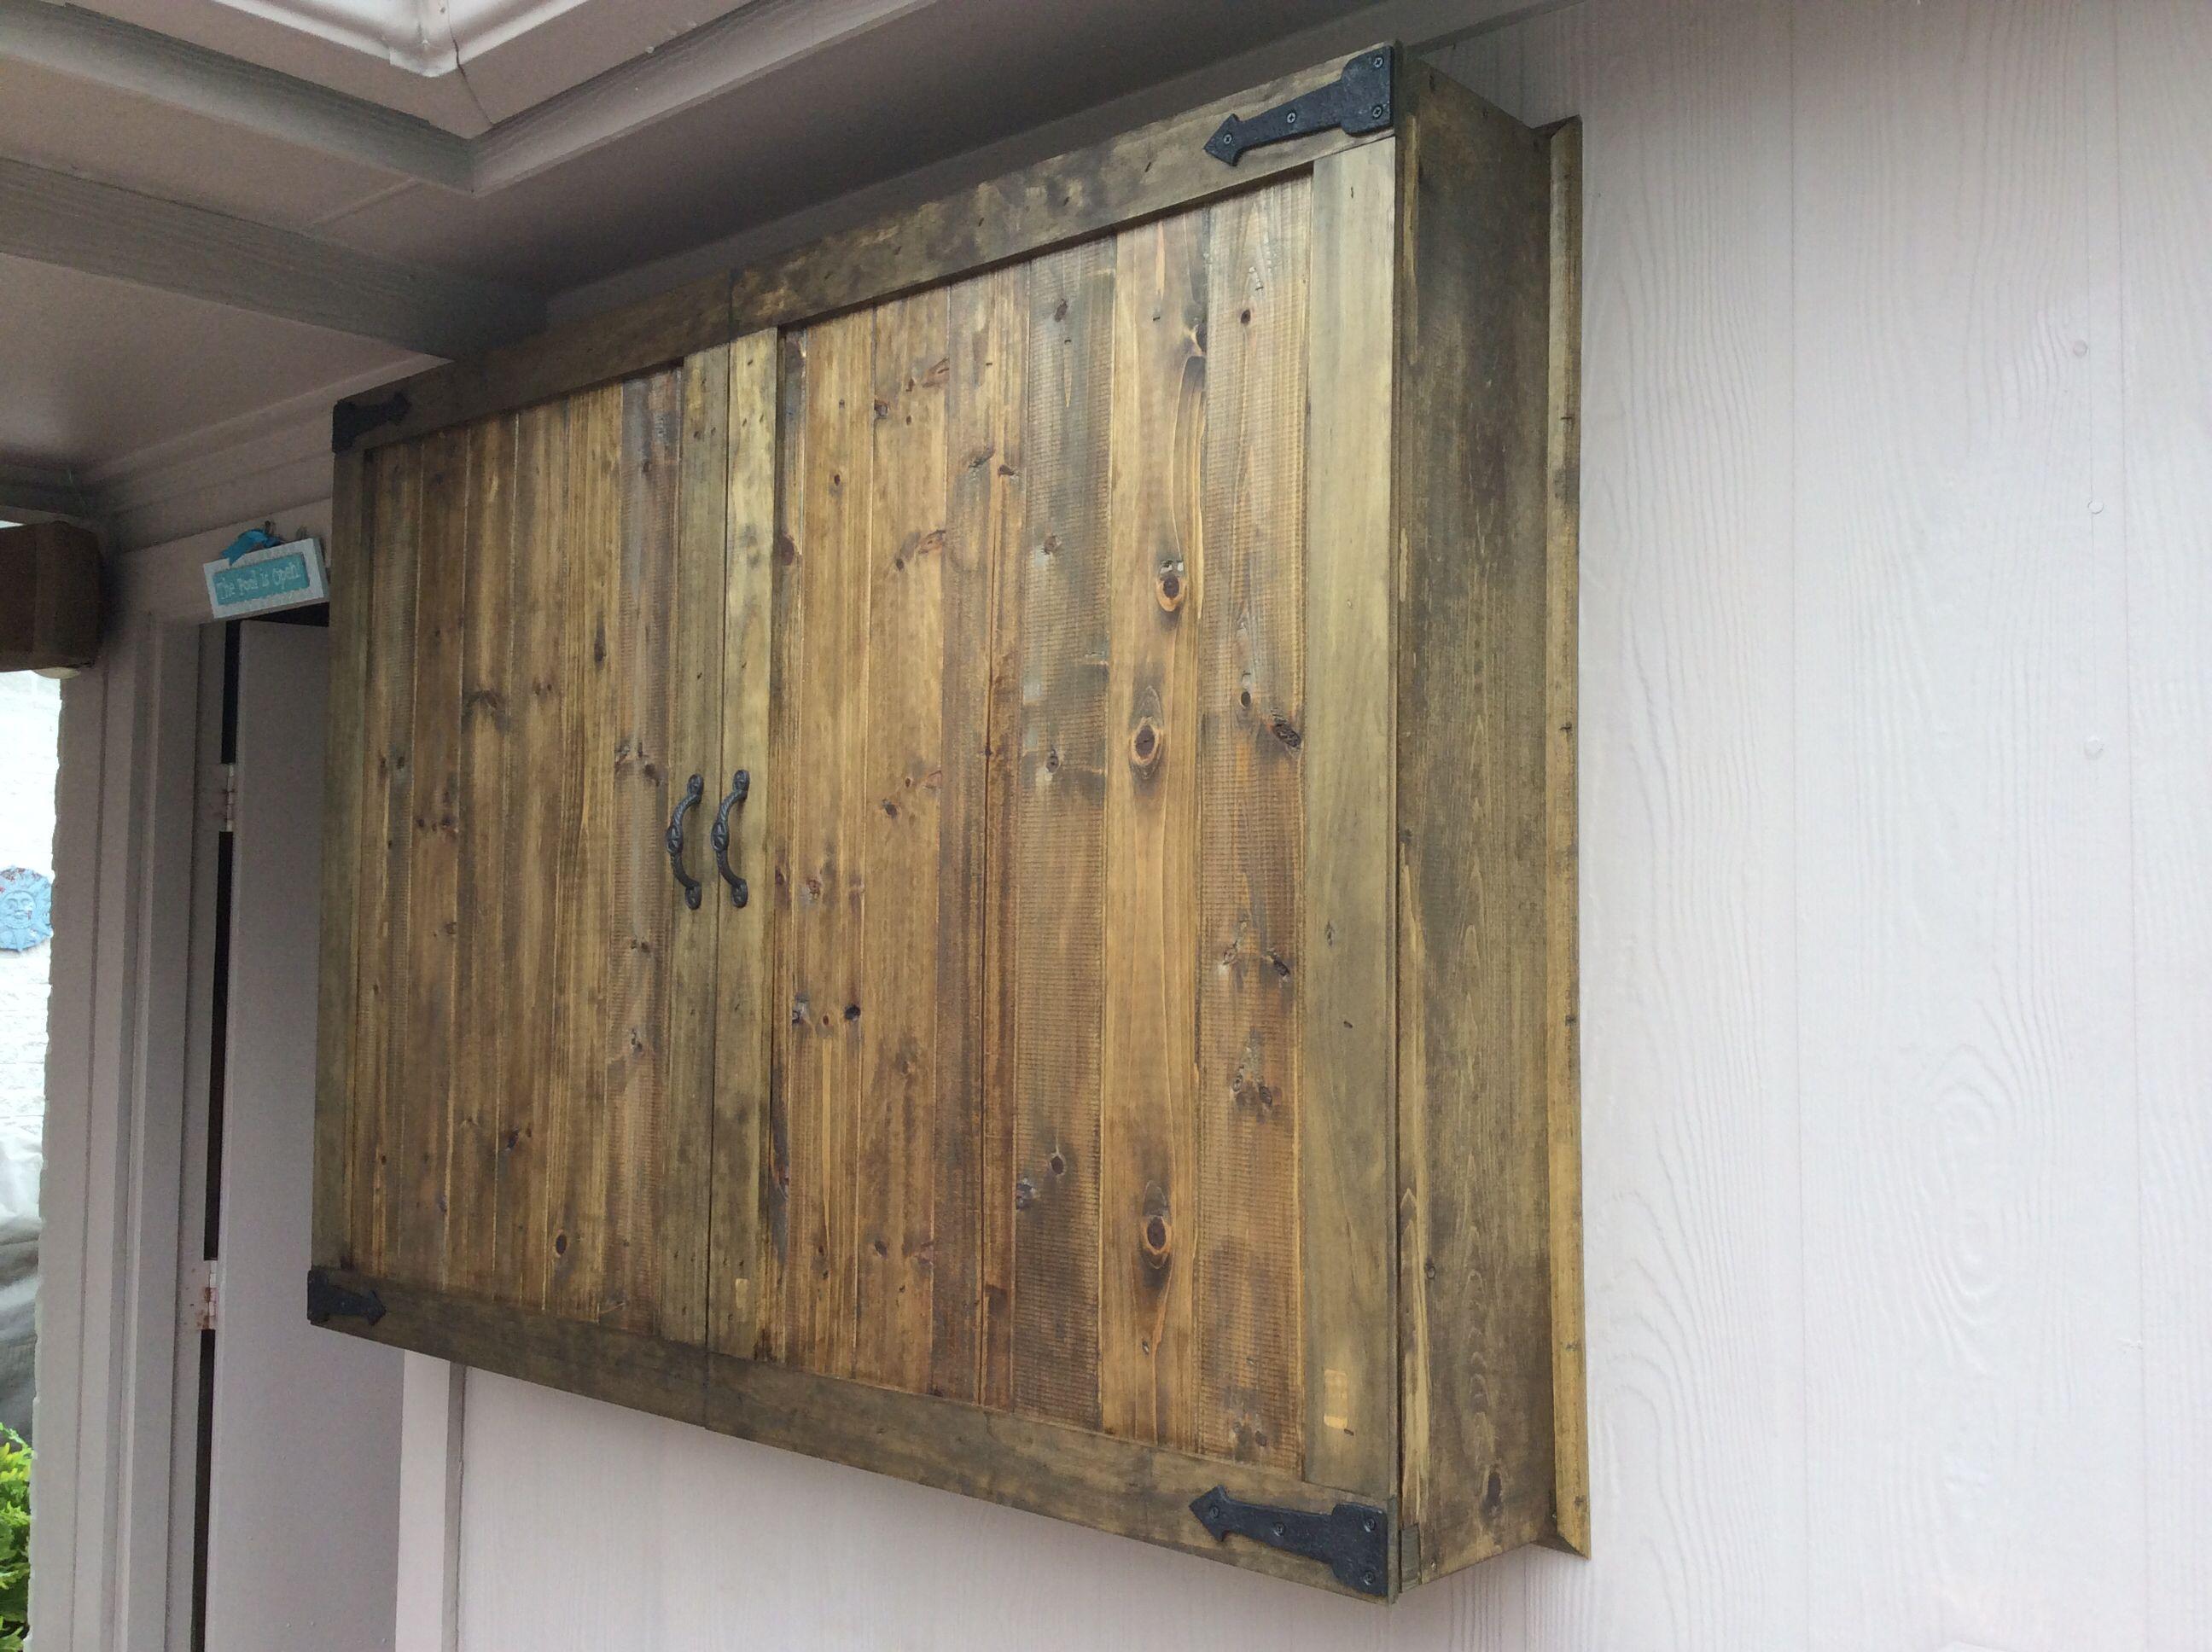 Outdoor Tv Cabinet Outdoor Tv Cabinet Outdoor Tv Box Outdoor Tv Enclosure Outdoor tv cabinet for sale